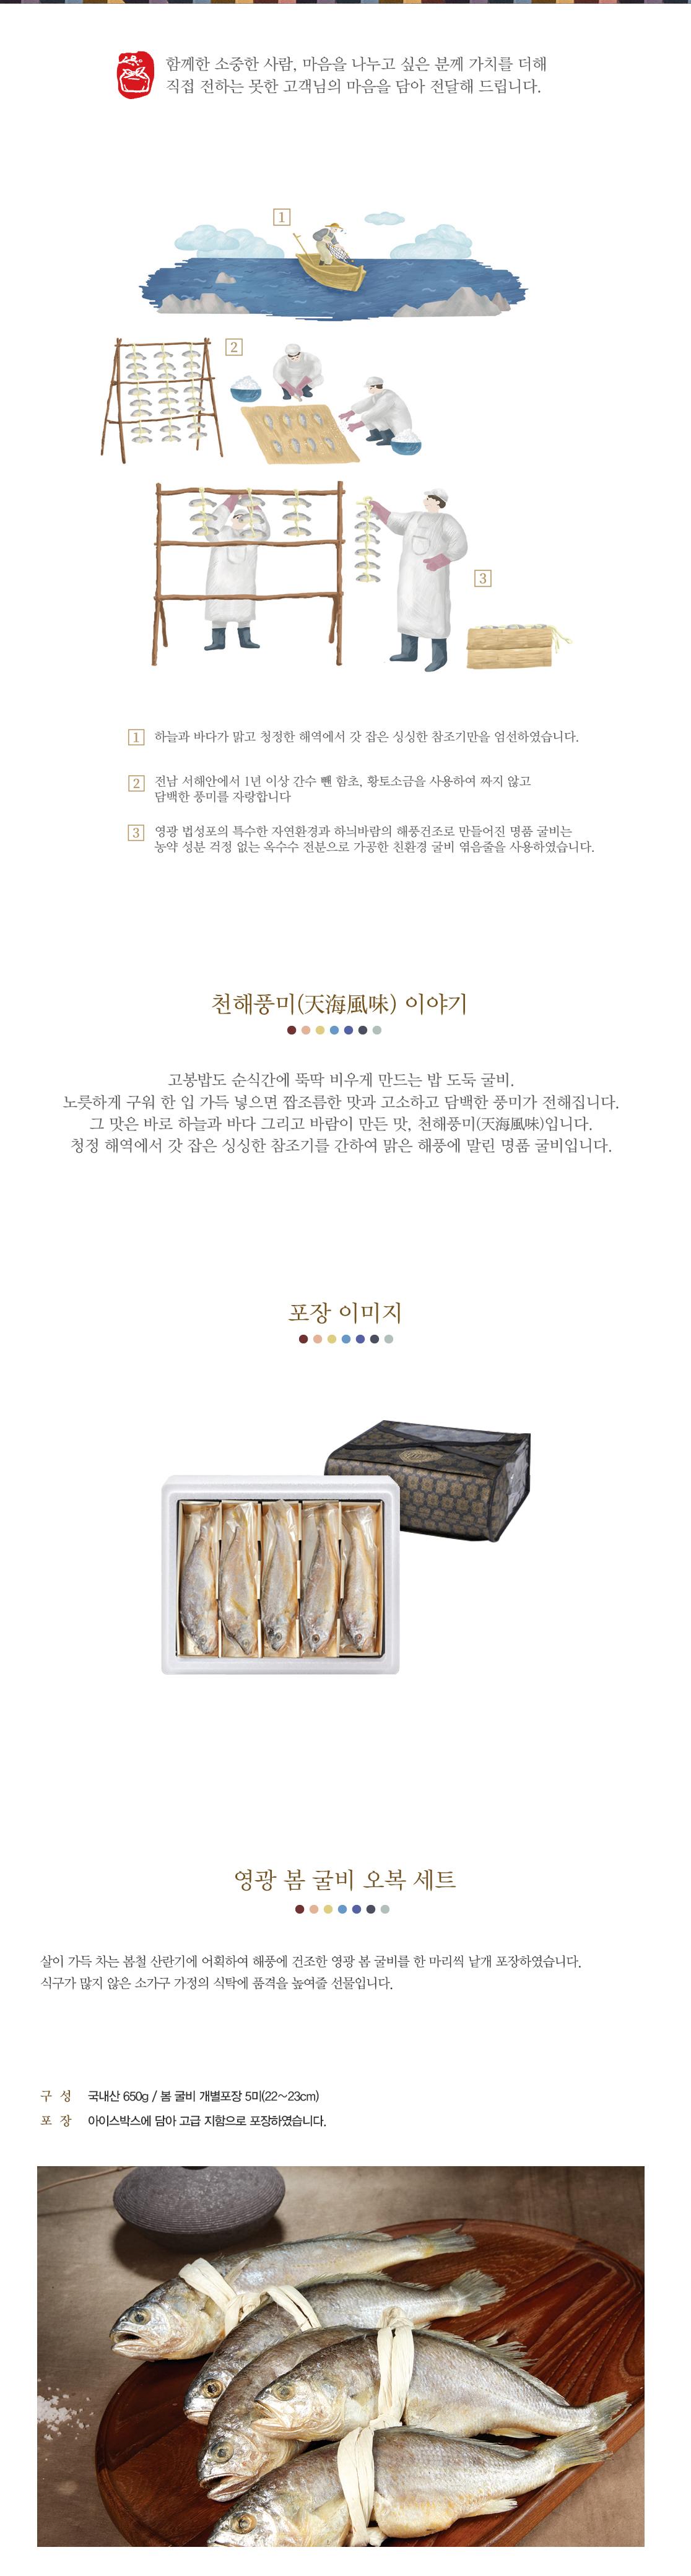 영광봄굴비오복세트 (낱개포장) 650g